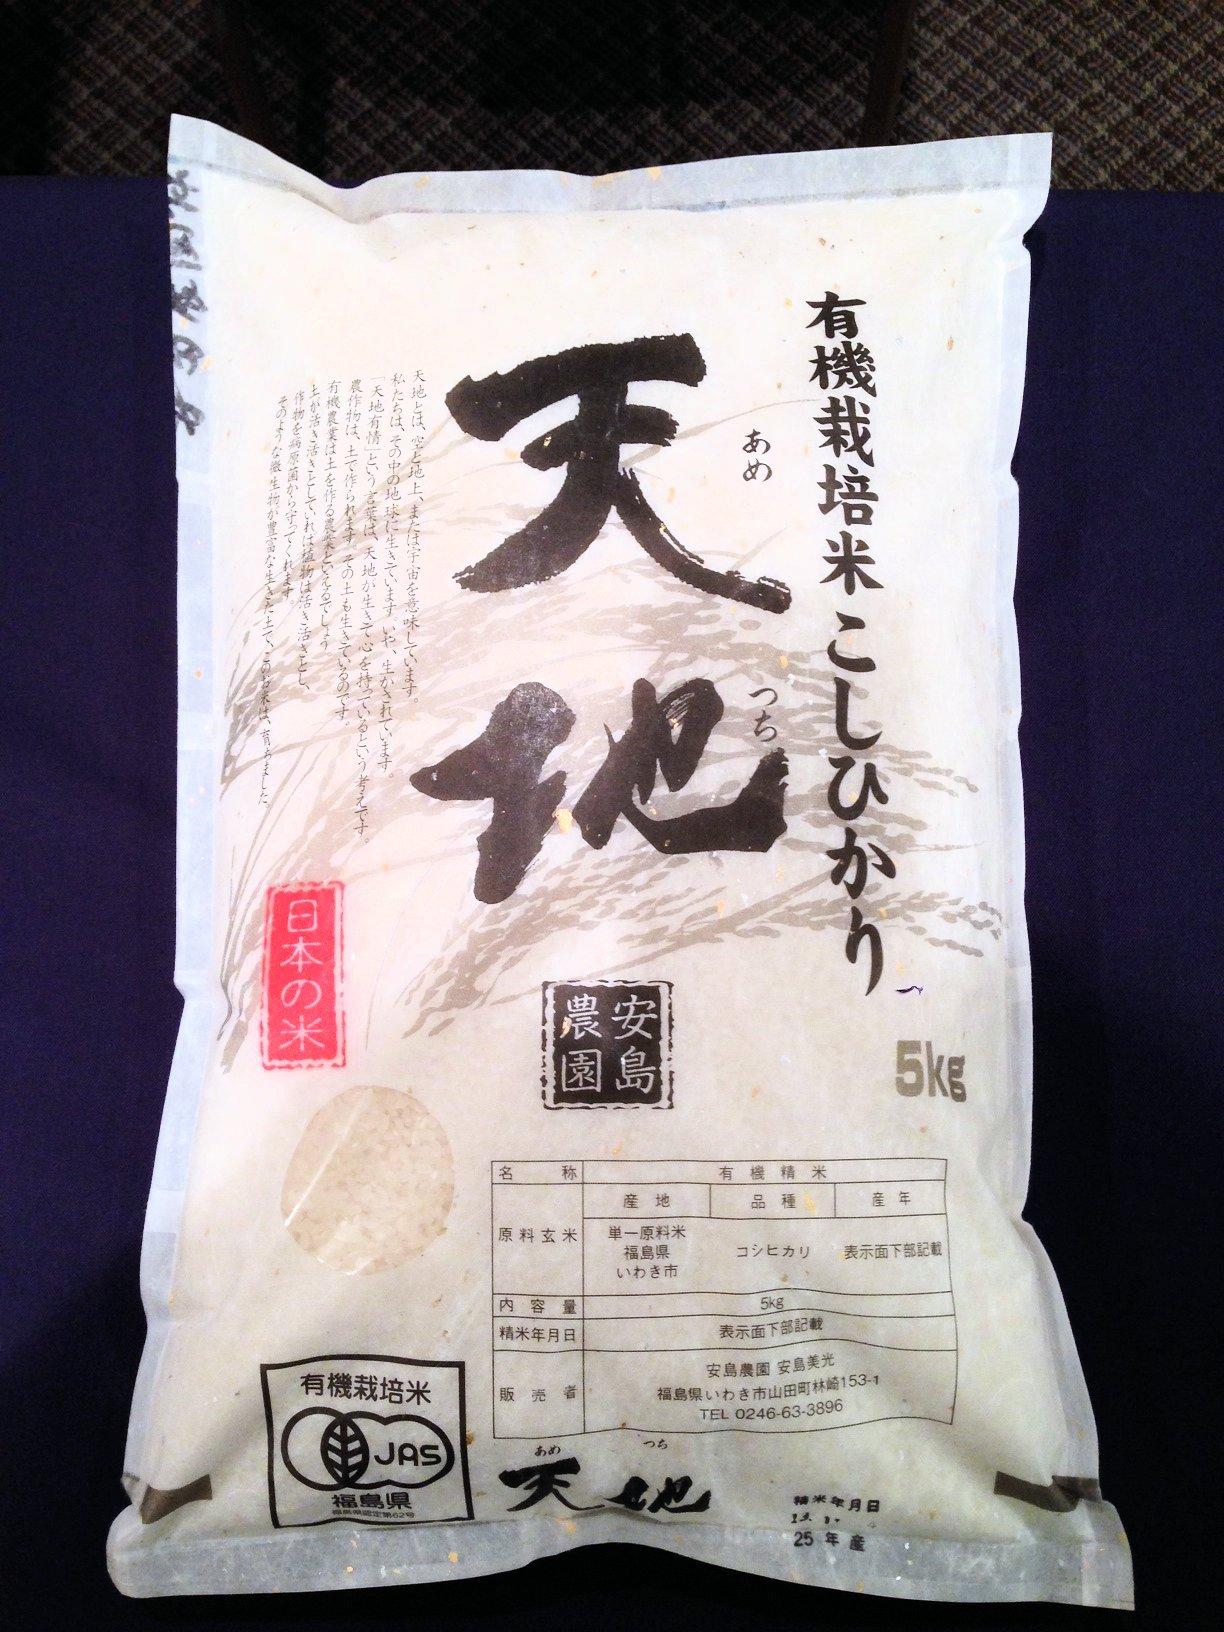 とことん肥料にこだわった!いわきの有機コシヒカリ玄米5kg【安島農園】